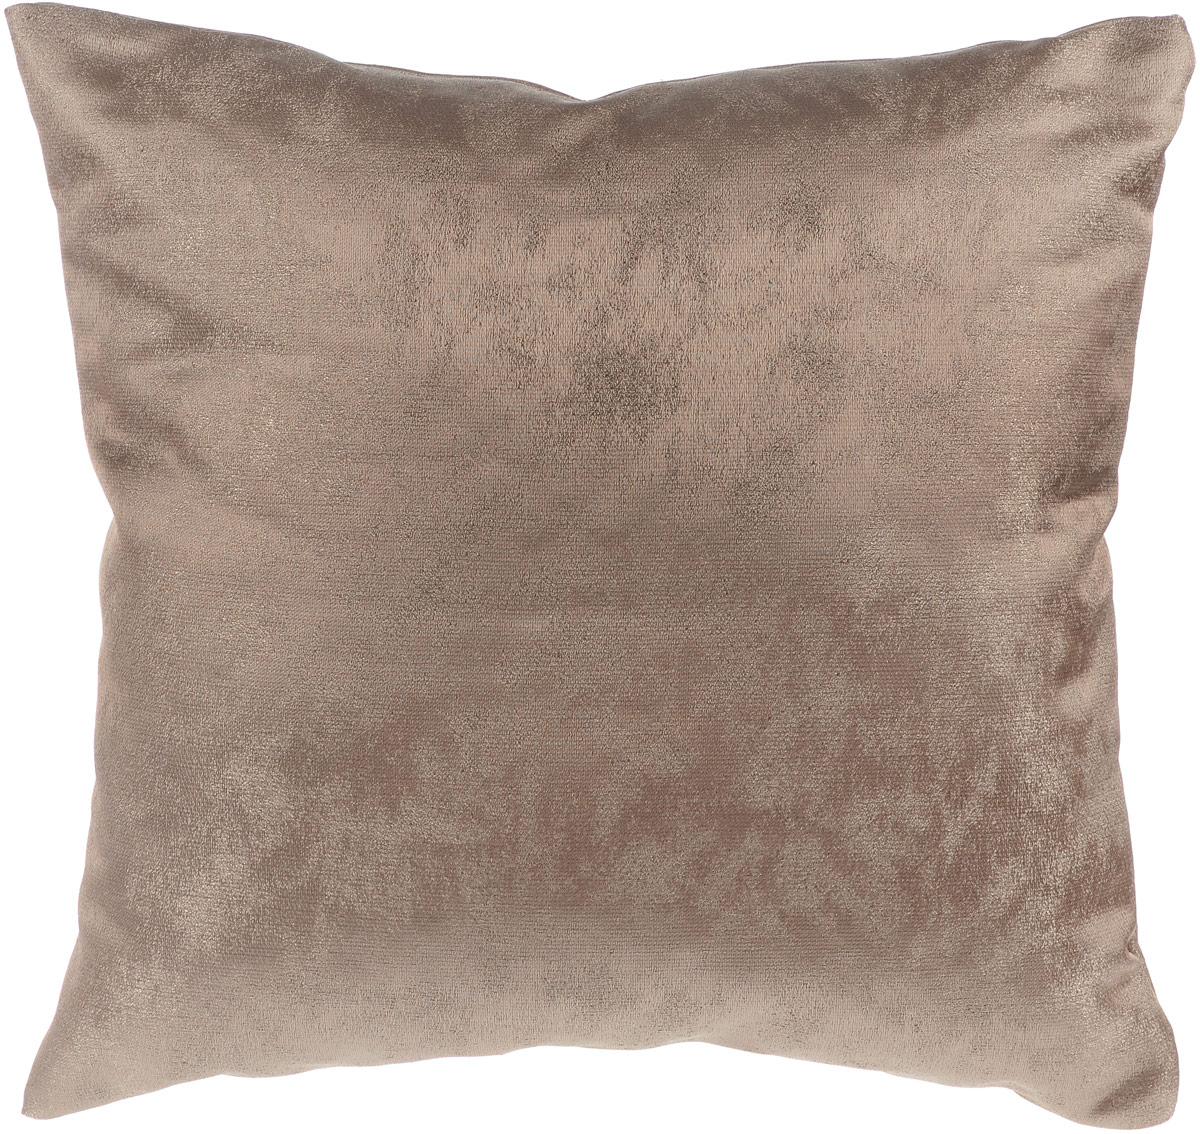 Подушка декоративная KauffOrt Магия, цвет: кофейный, 40 x 40 см531-401Декоративная подушка Магия прекрасно дополнит интерьер спальни или гостиной. Очень нежный на ощупь чехол подушки выполнен из прочного полиэстера. Внутри находится мягкий наполнитель. Чехол легко снимается благодаря потайной молнии. Красивая подушка создаст атмосферу уюта и комфорта в спальне и станет прекрасным элементом декора.